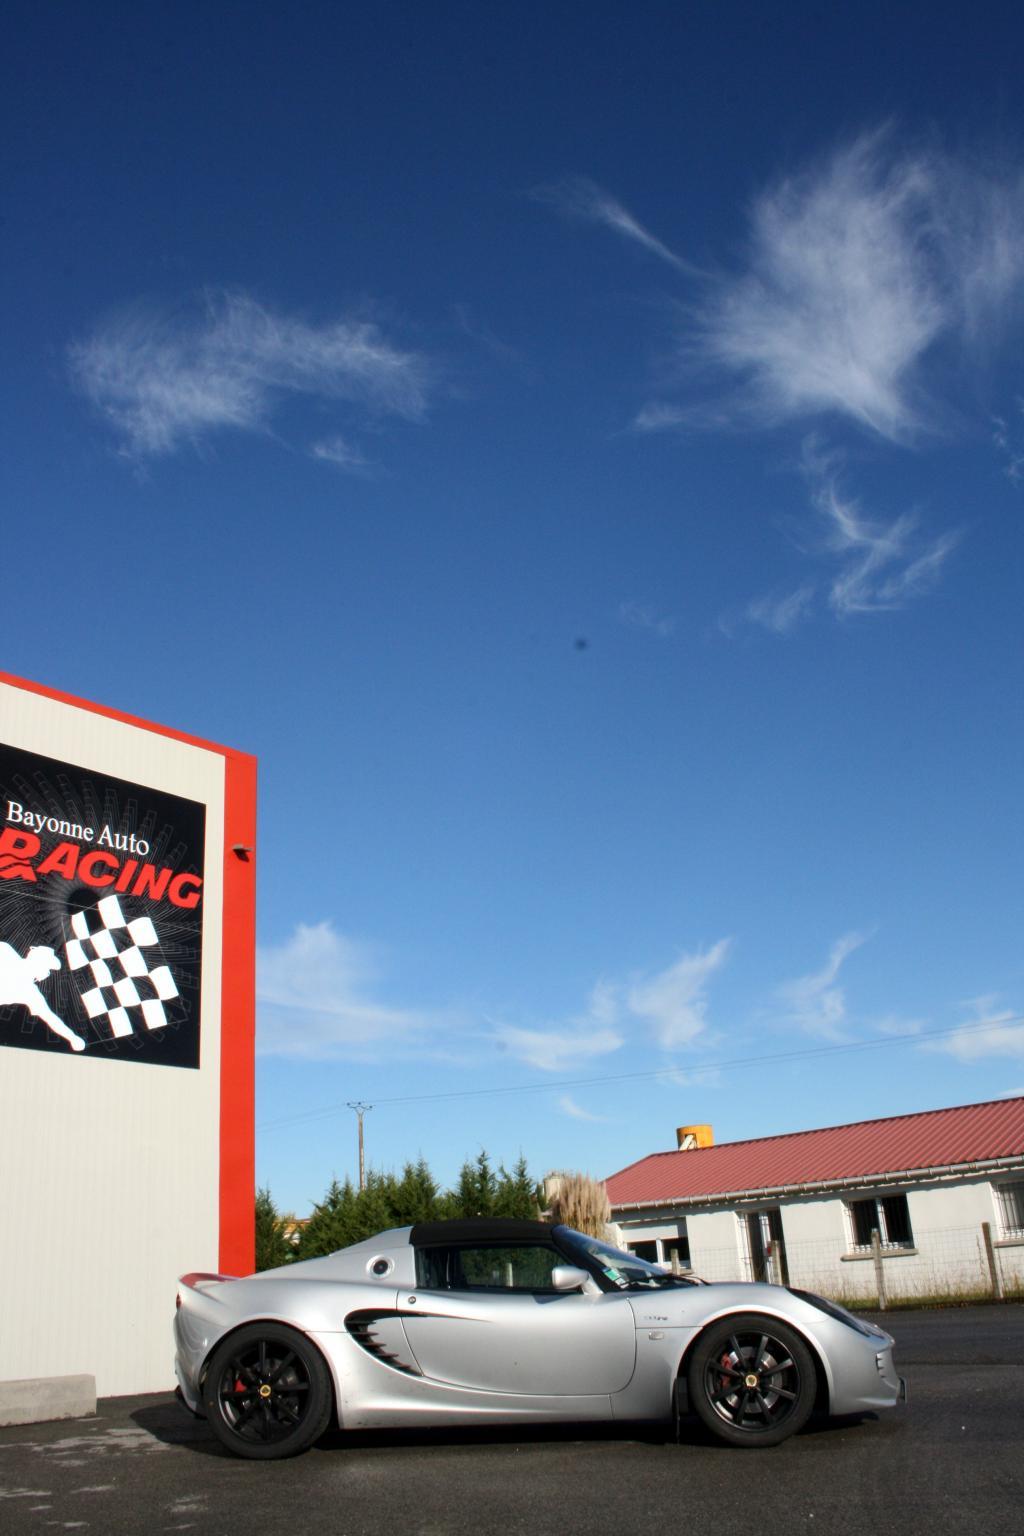 Bayonne-auto-racing Img_9200-3978f6c